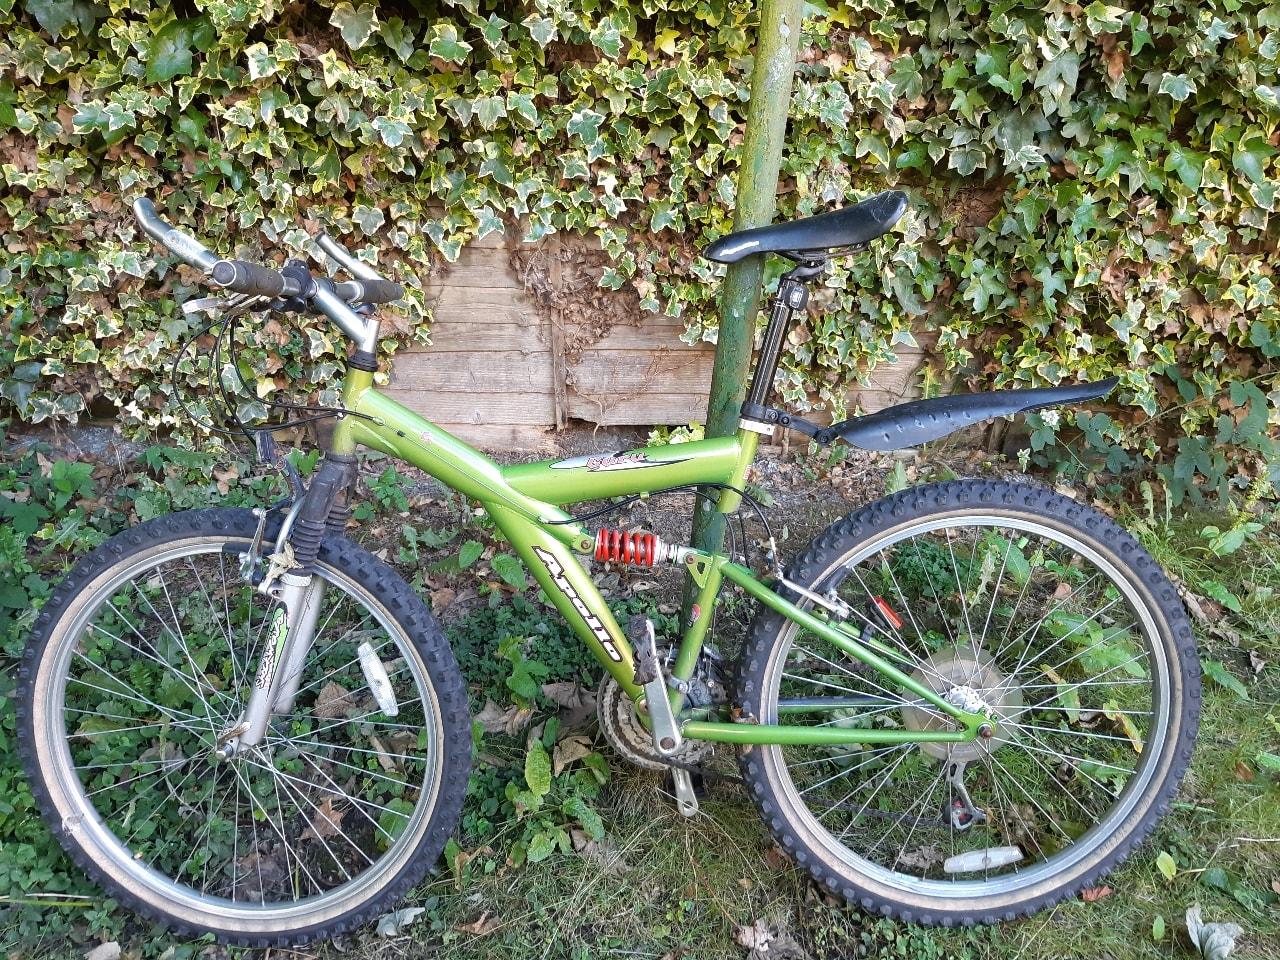 Apollo used mountain bike